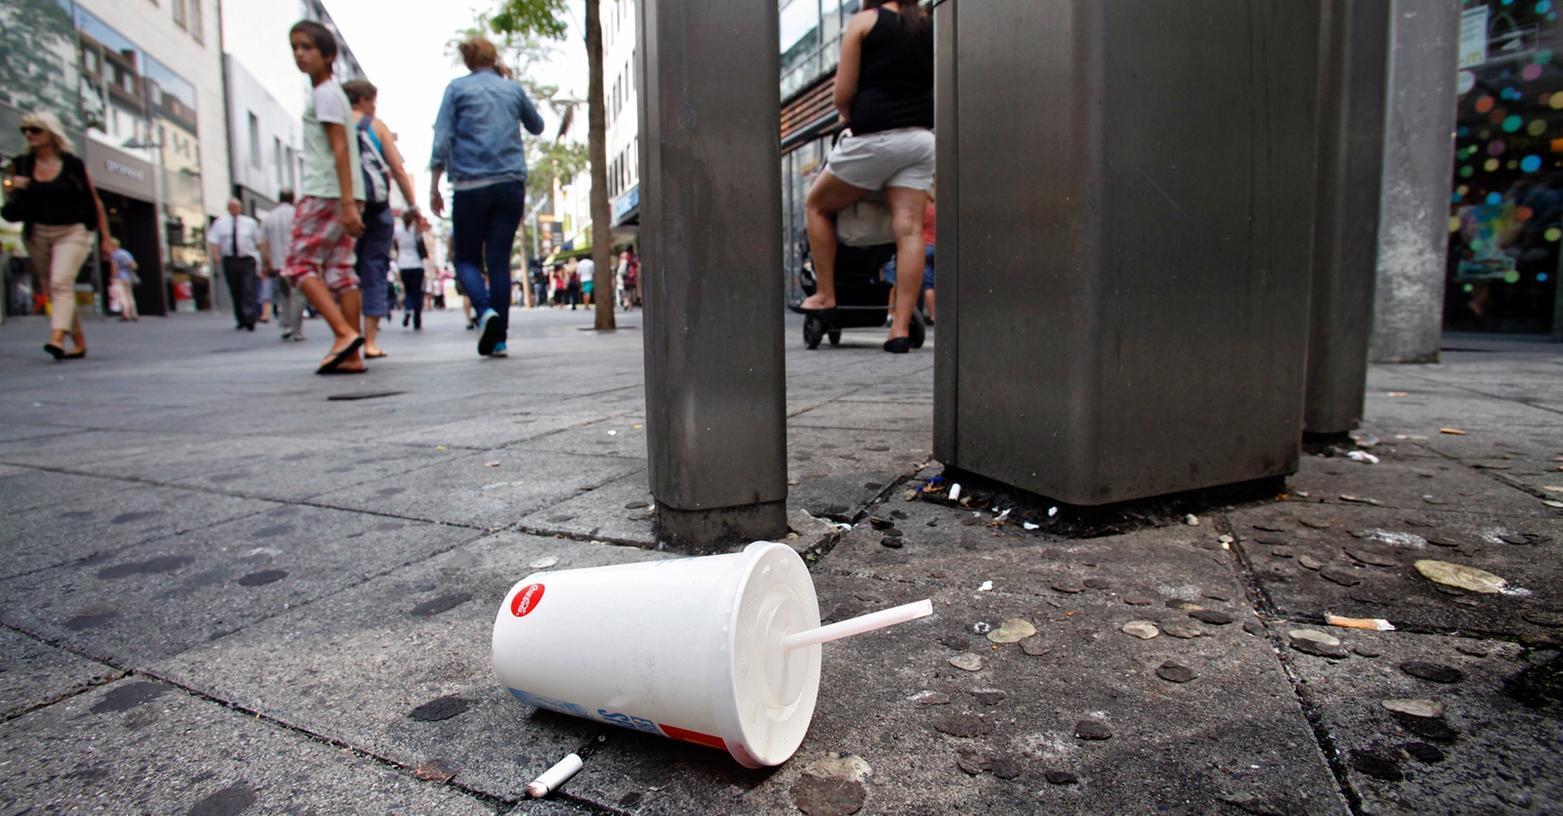 Die Sauberkeit in Nürnbergs Innenstadt lässt zu Wünschen übrig. Kann ein kommunaler Ordnungsdienst helfen?